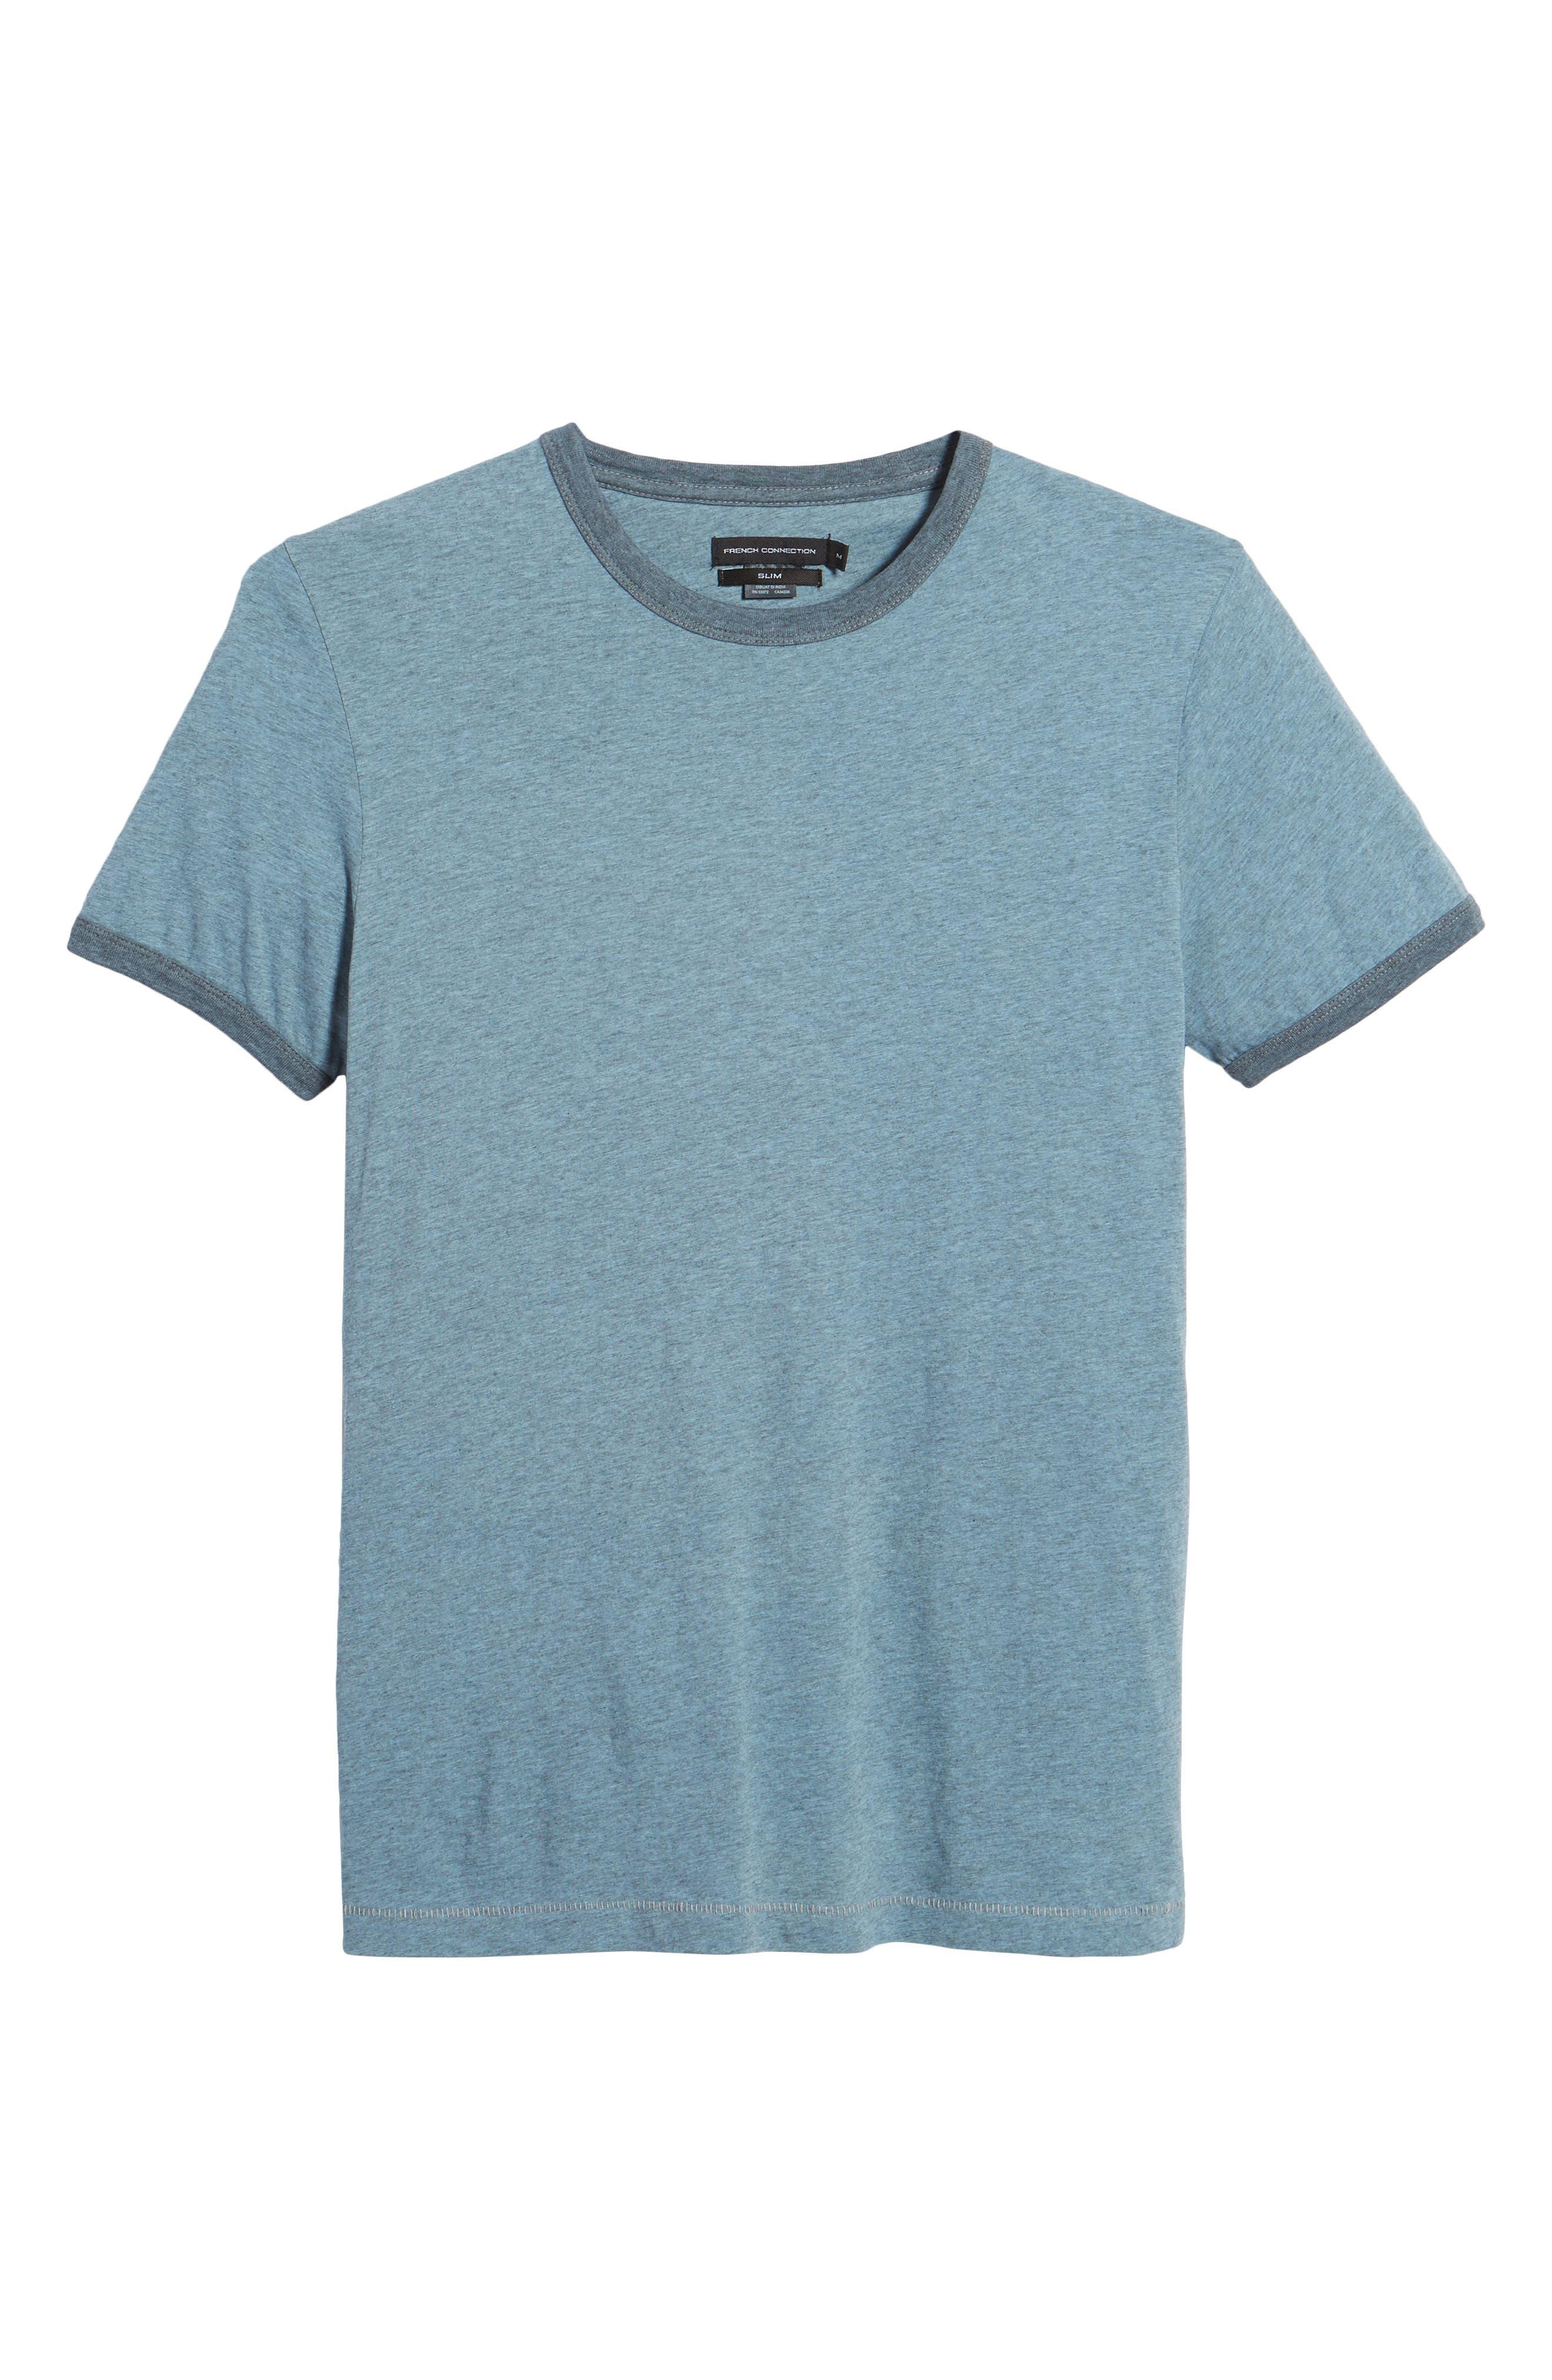 Bens Slim Fit Ringer T-Shirt,                             Alternate thumbnail 6, color,                             Overdyed Ashley Blue